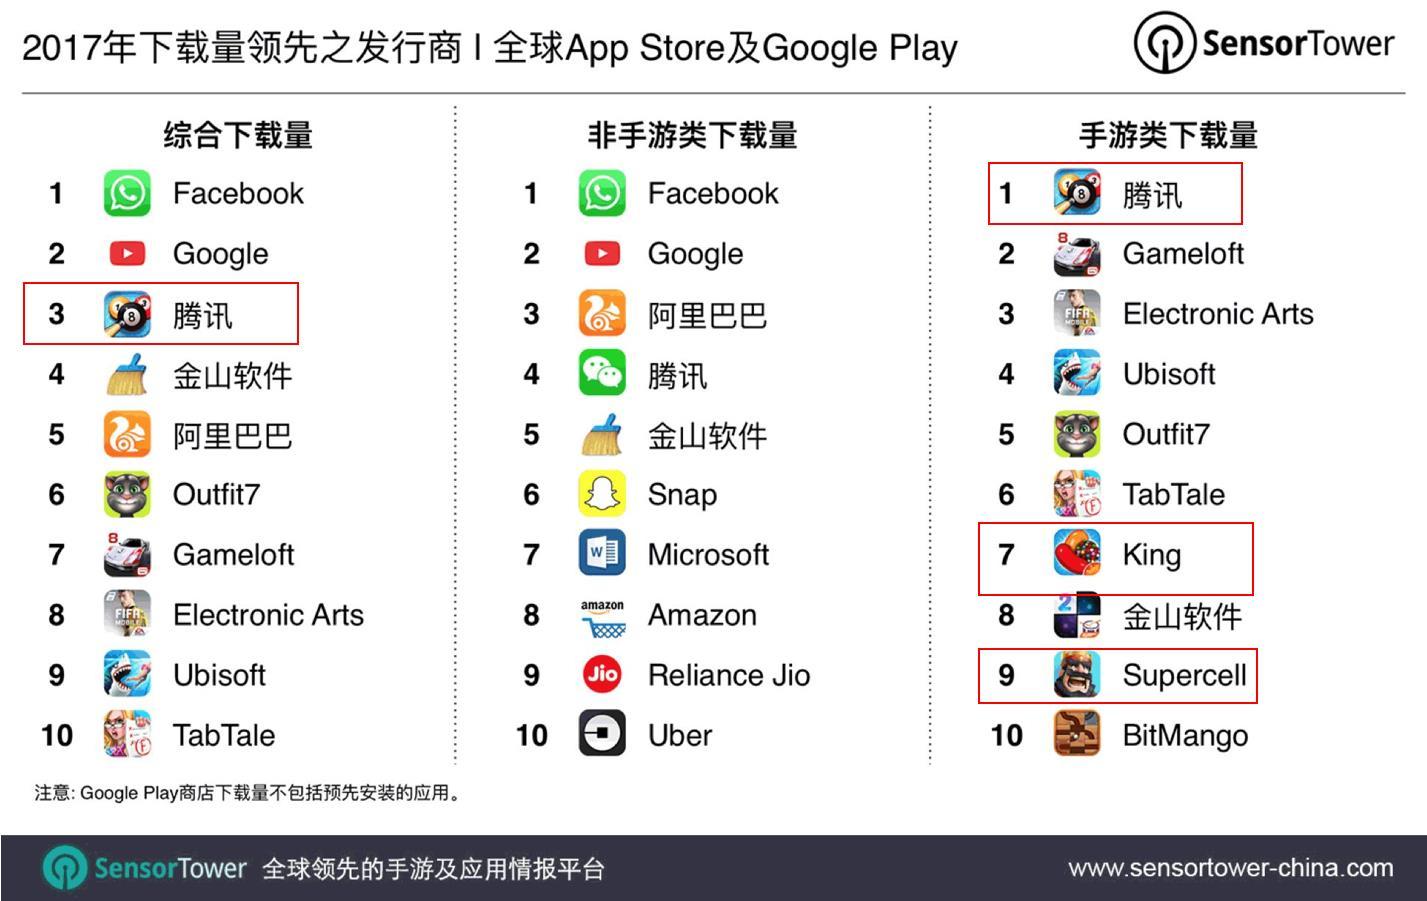 2017年最賺錢的10家手游公司:騰訊網易占據前兩名